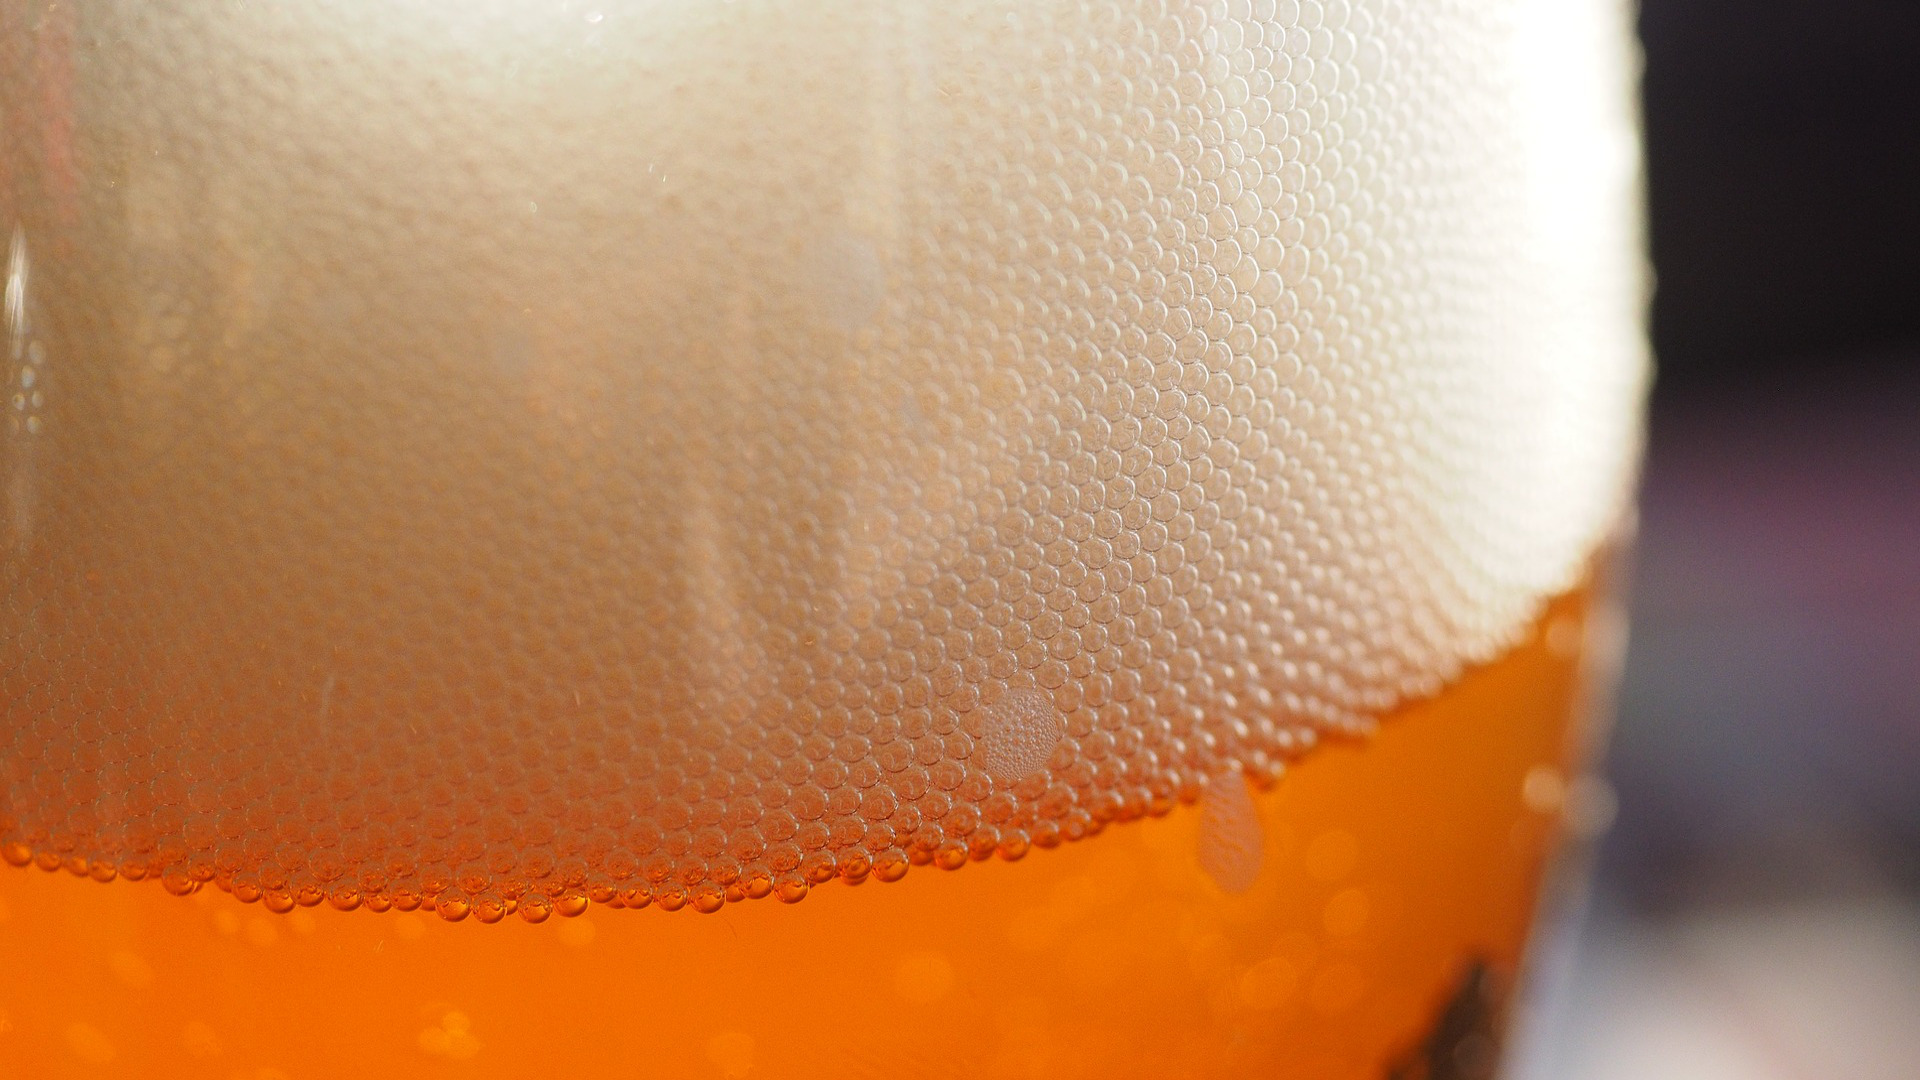 puede-la-cerveza-ayudar-a-reducir-el-colesterol-y-bajar-de-peso-1920